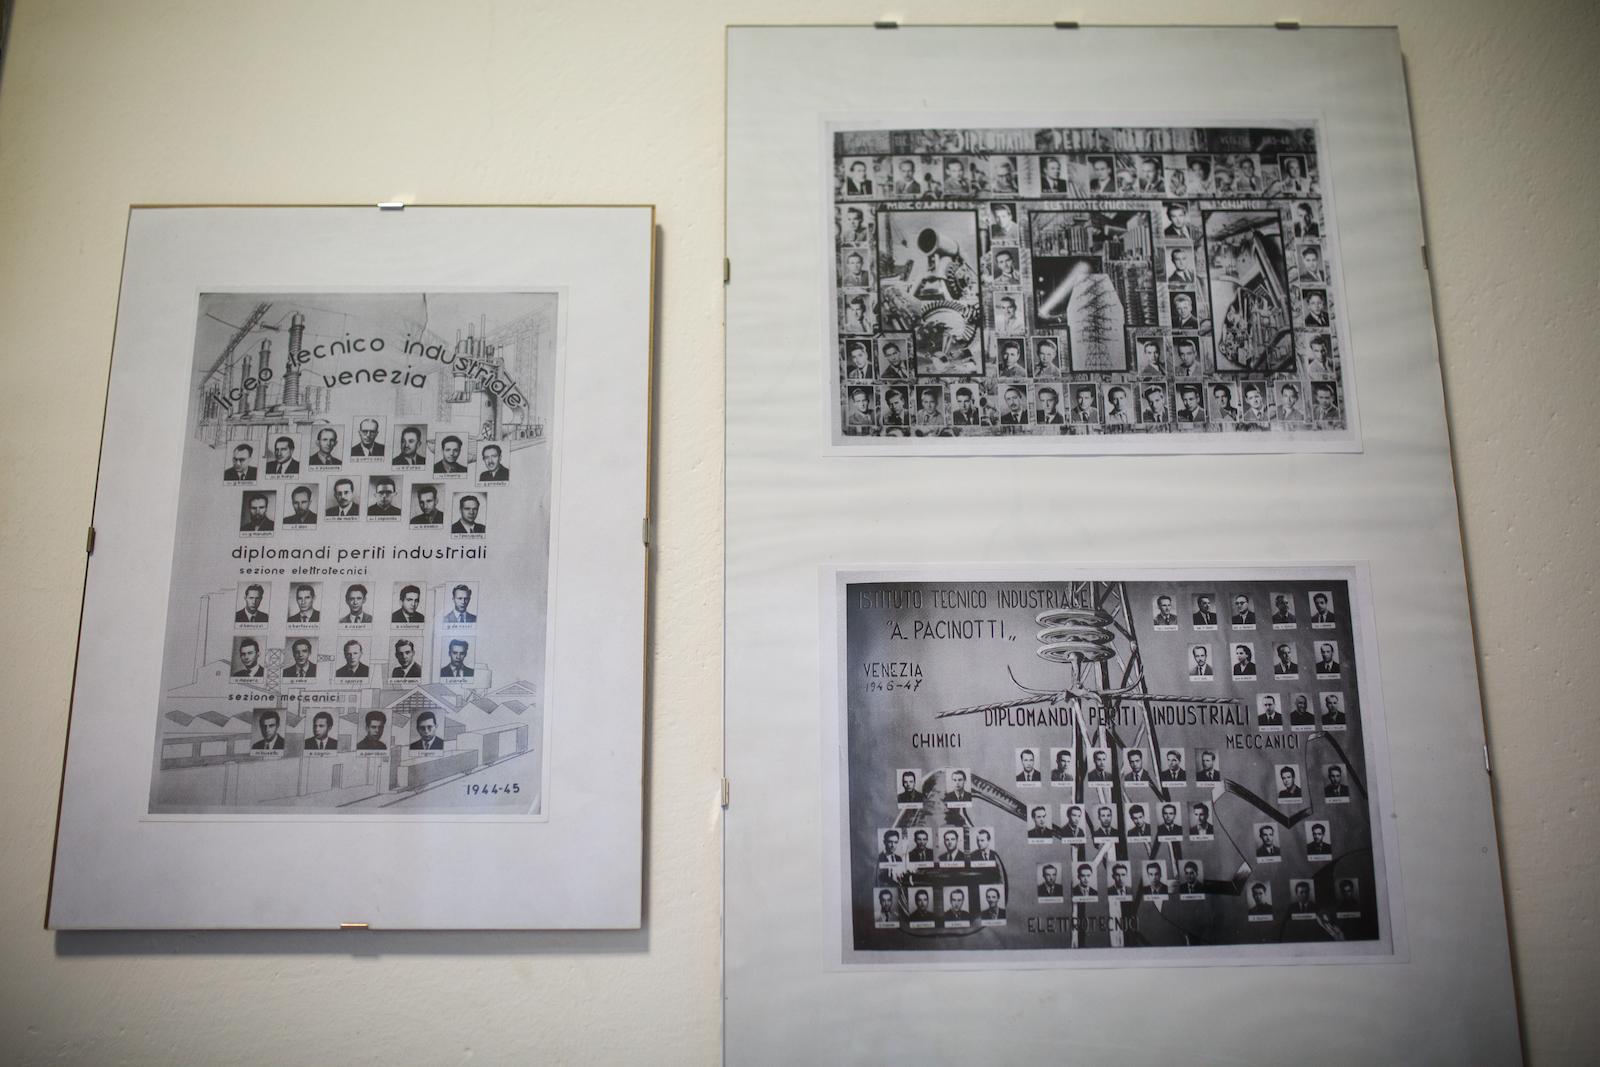 In un corridoio dell'ISS Pacinotti, alcuni quadri mostrano i primi diplomati dell'Istituto.Molti operai del Polo Industriale di Porto Marghera si formarono in questa scuola fin dagli anni Cinquanta. Mestre, Novembre 2014.